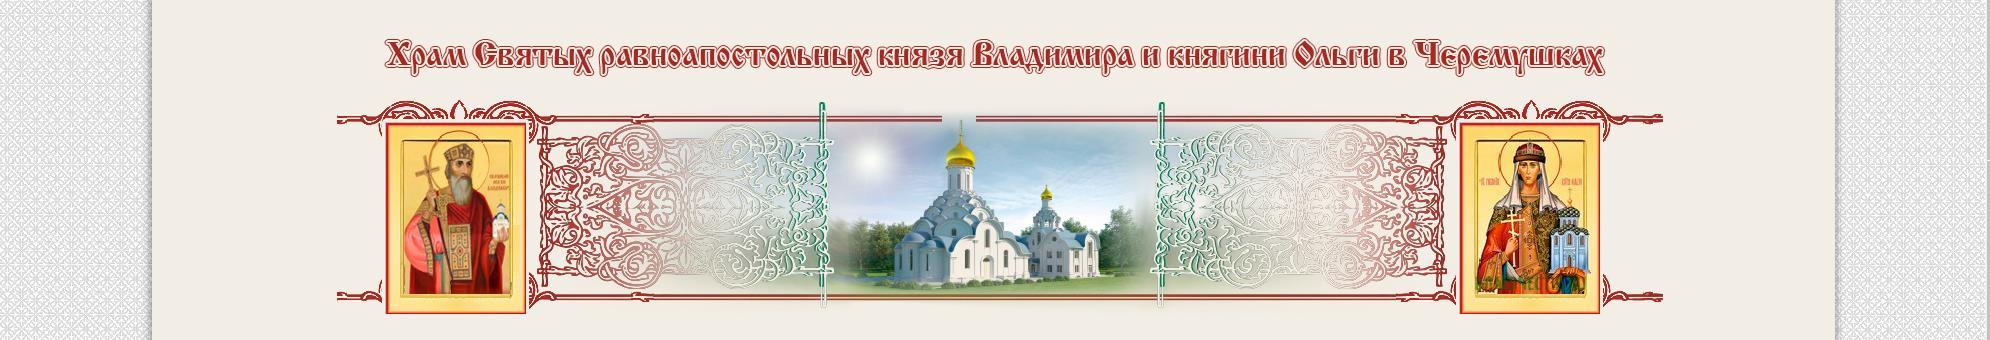 Храм святых Владимира и Ольги в Черемушках г. Москва